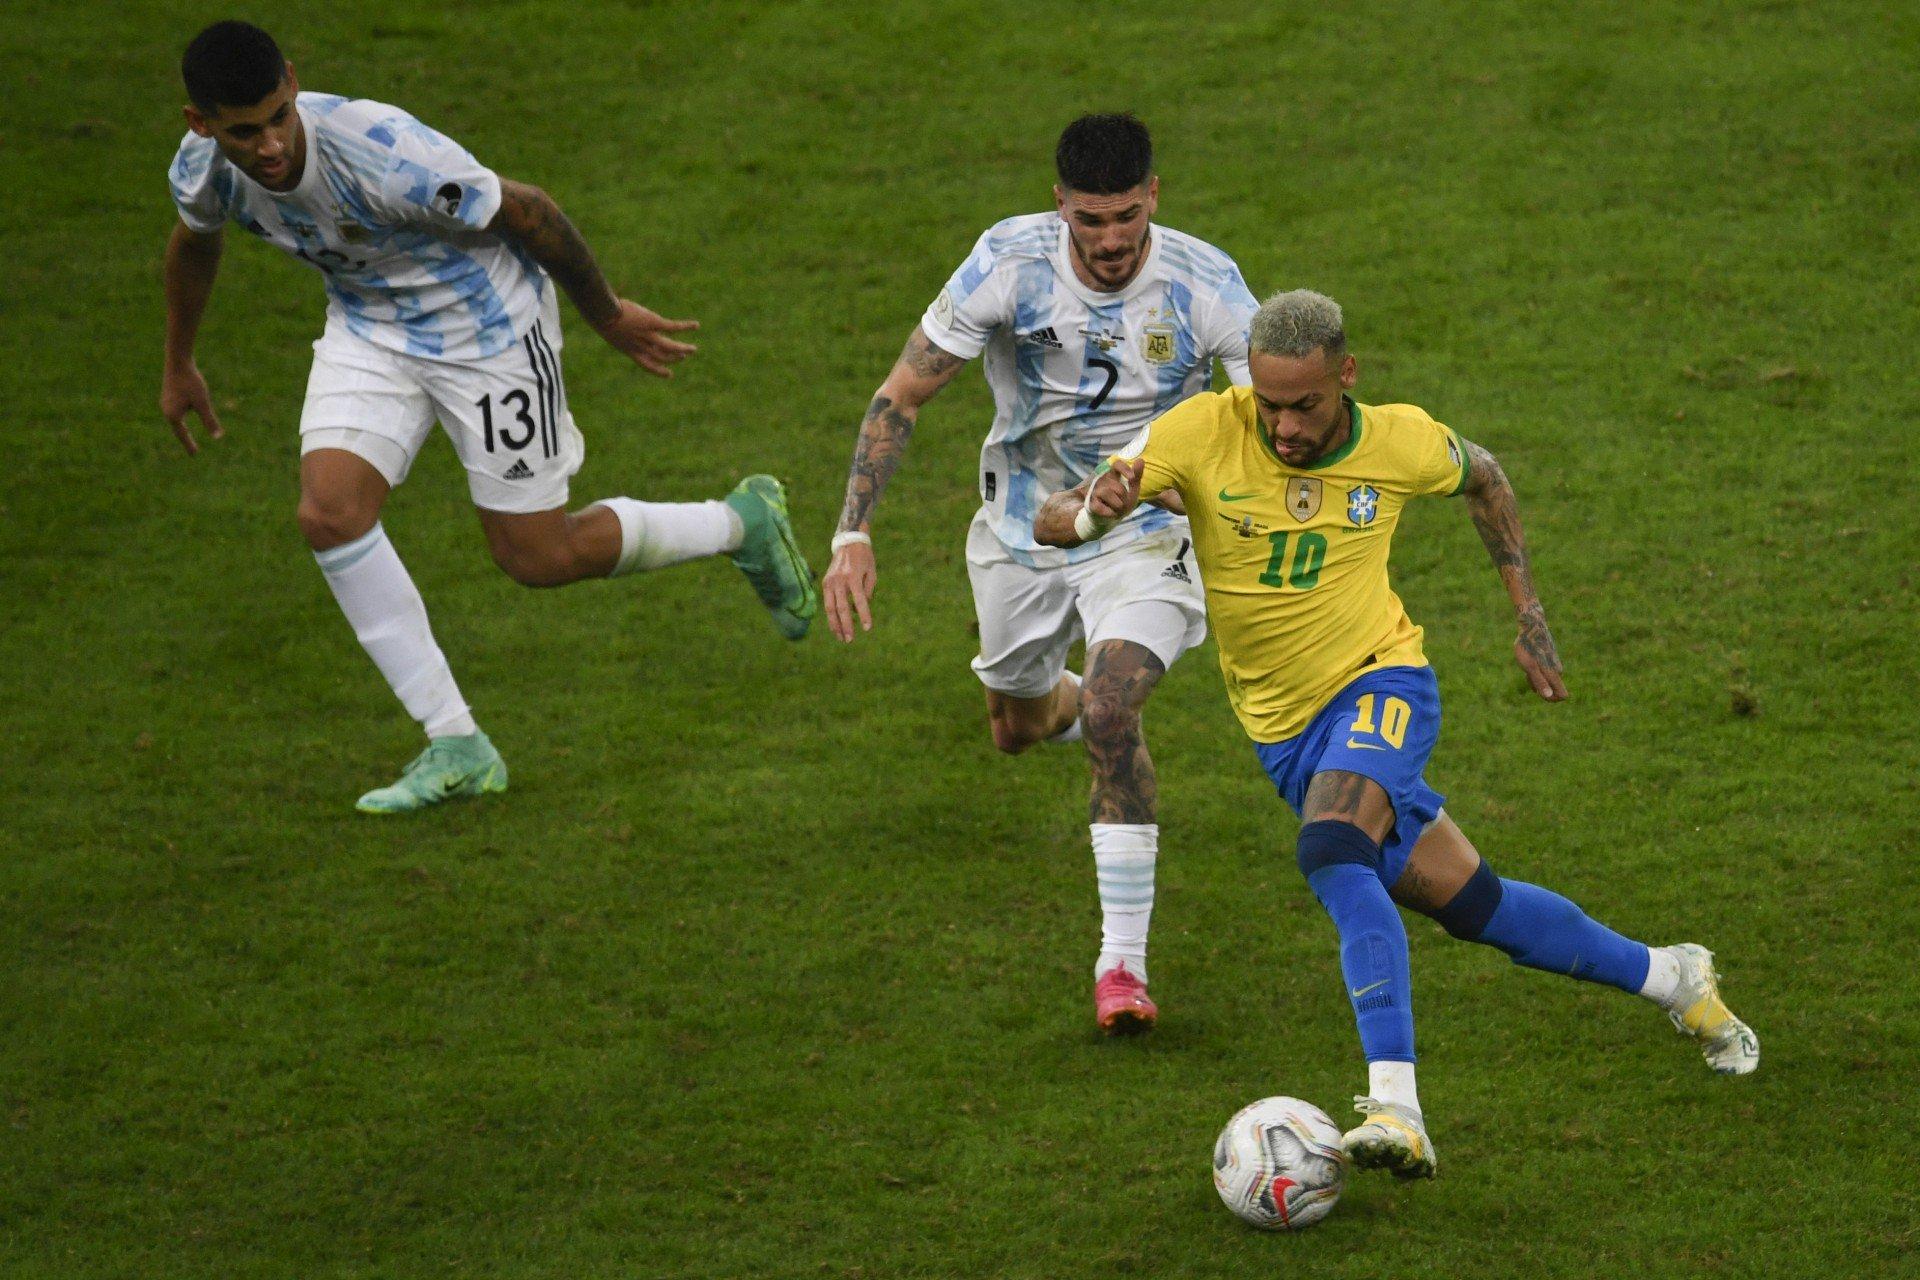 Horas antes de partida contra o Brasil, Anvisa pede que quatro jogadores da Argentina sejam deportados